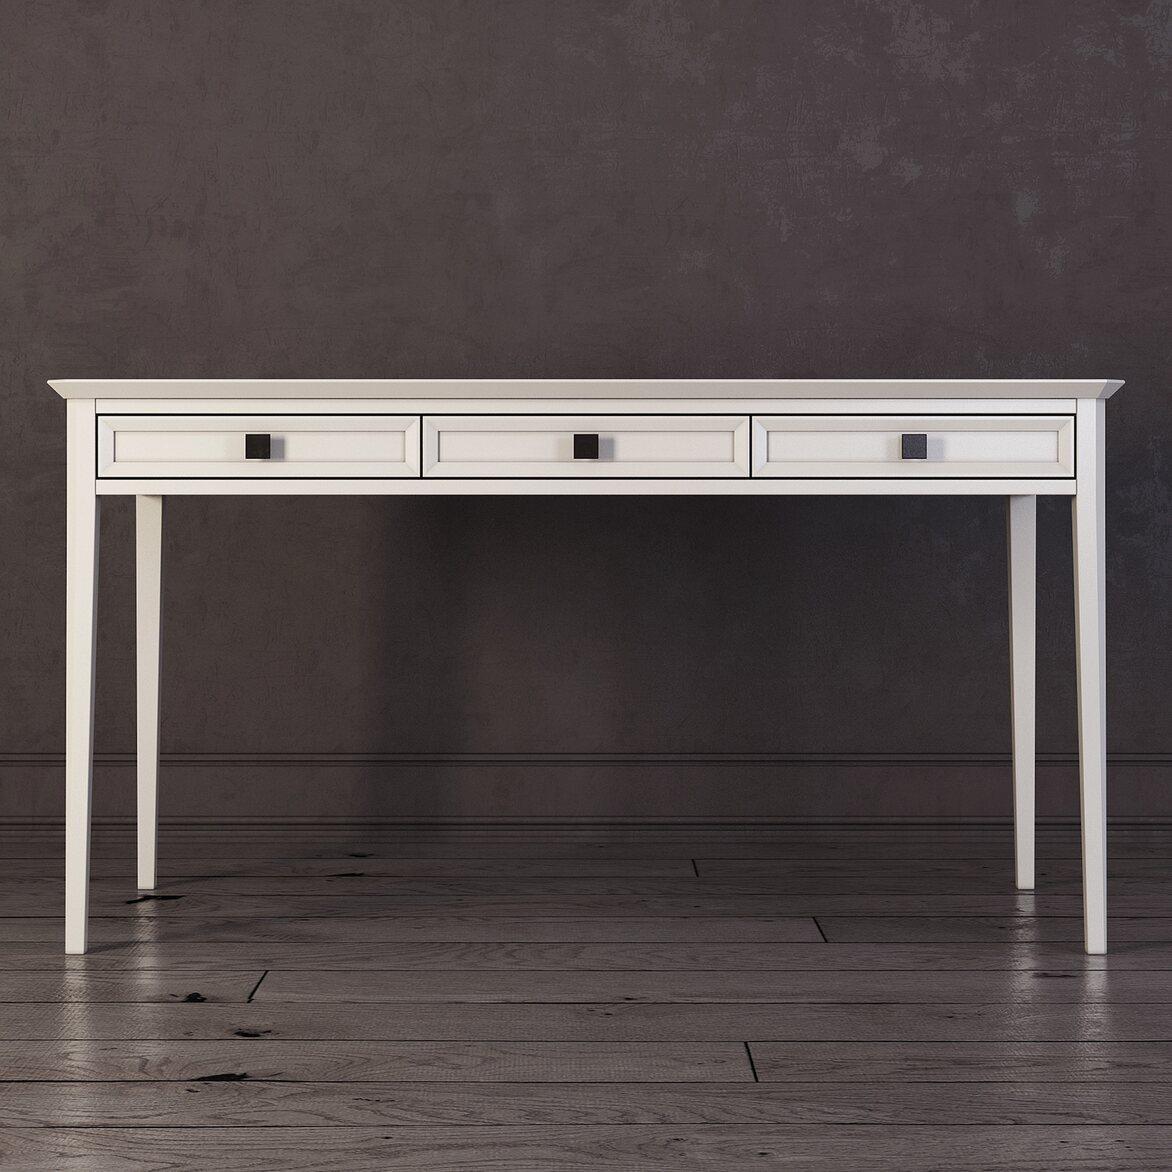 Письменный стол с 3-я ящиками Ellington, белый | Письменные столы Kingsby